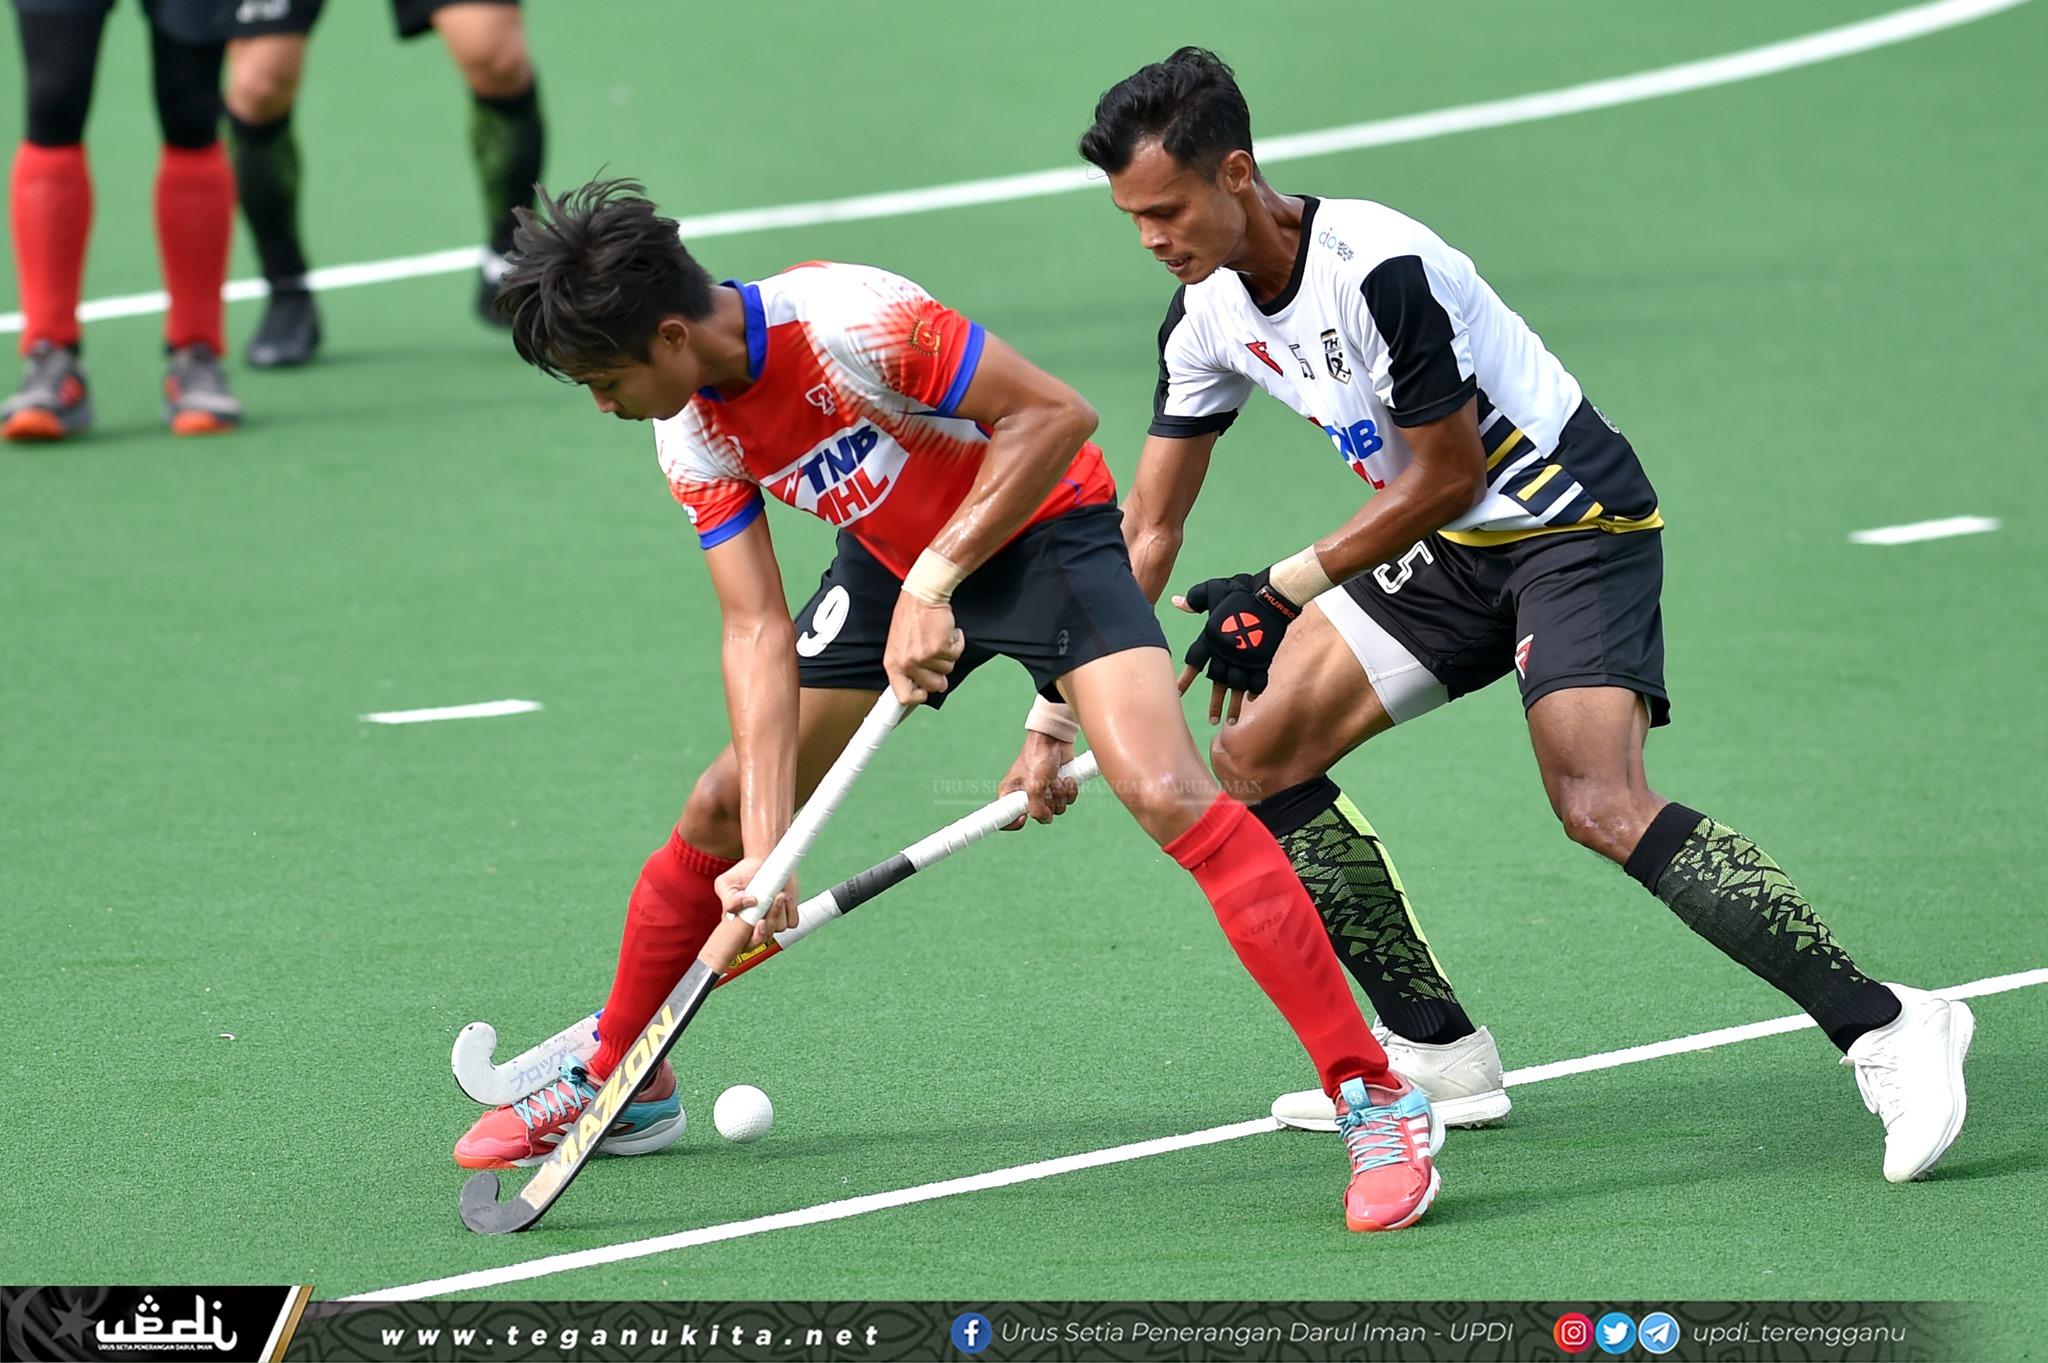 Perlawanan TNB Malaysia Hockey League 2020